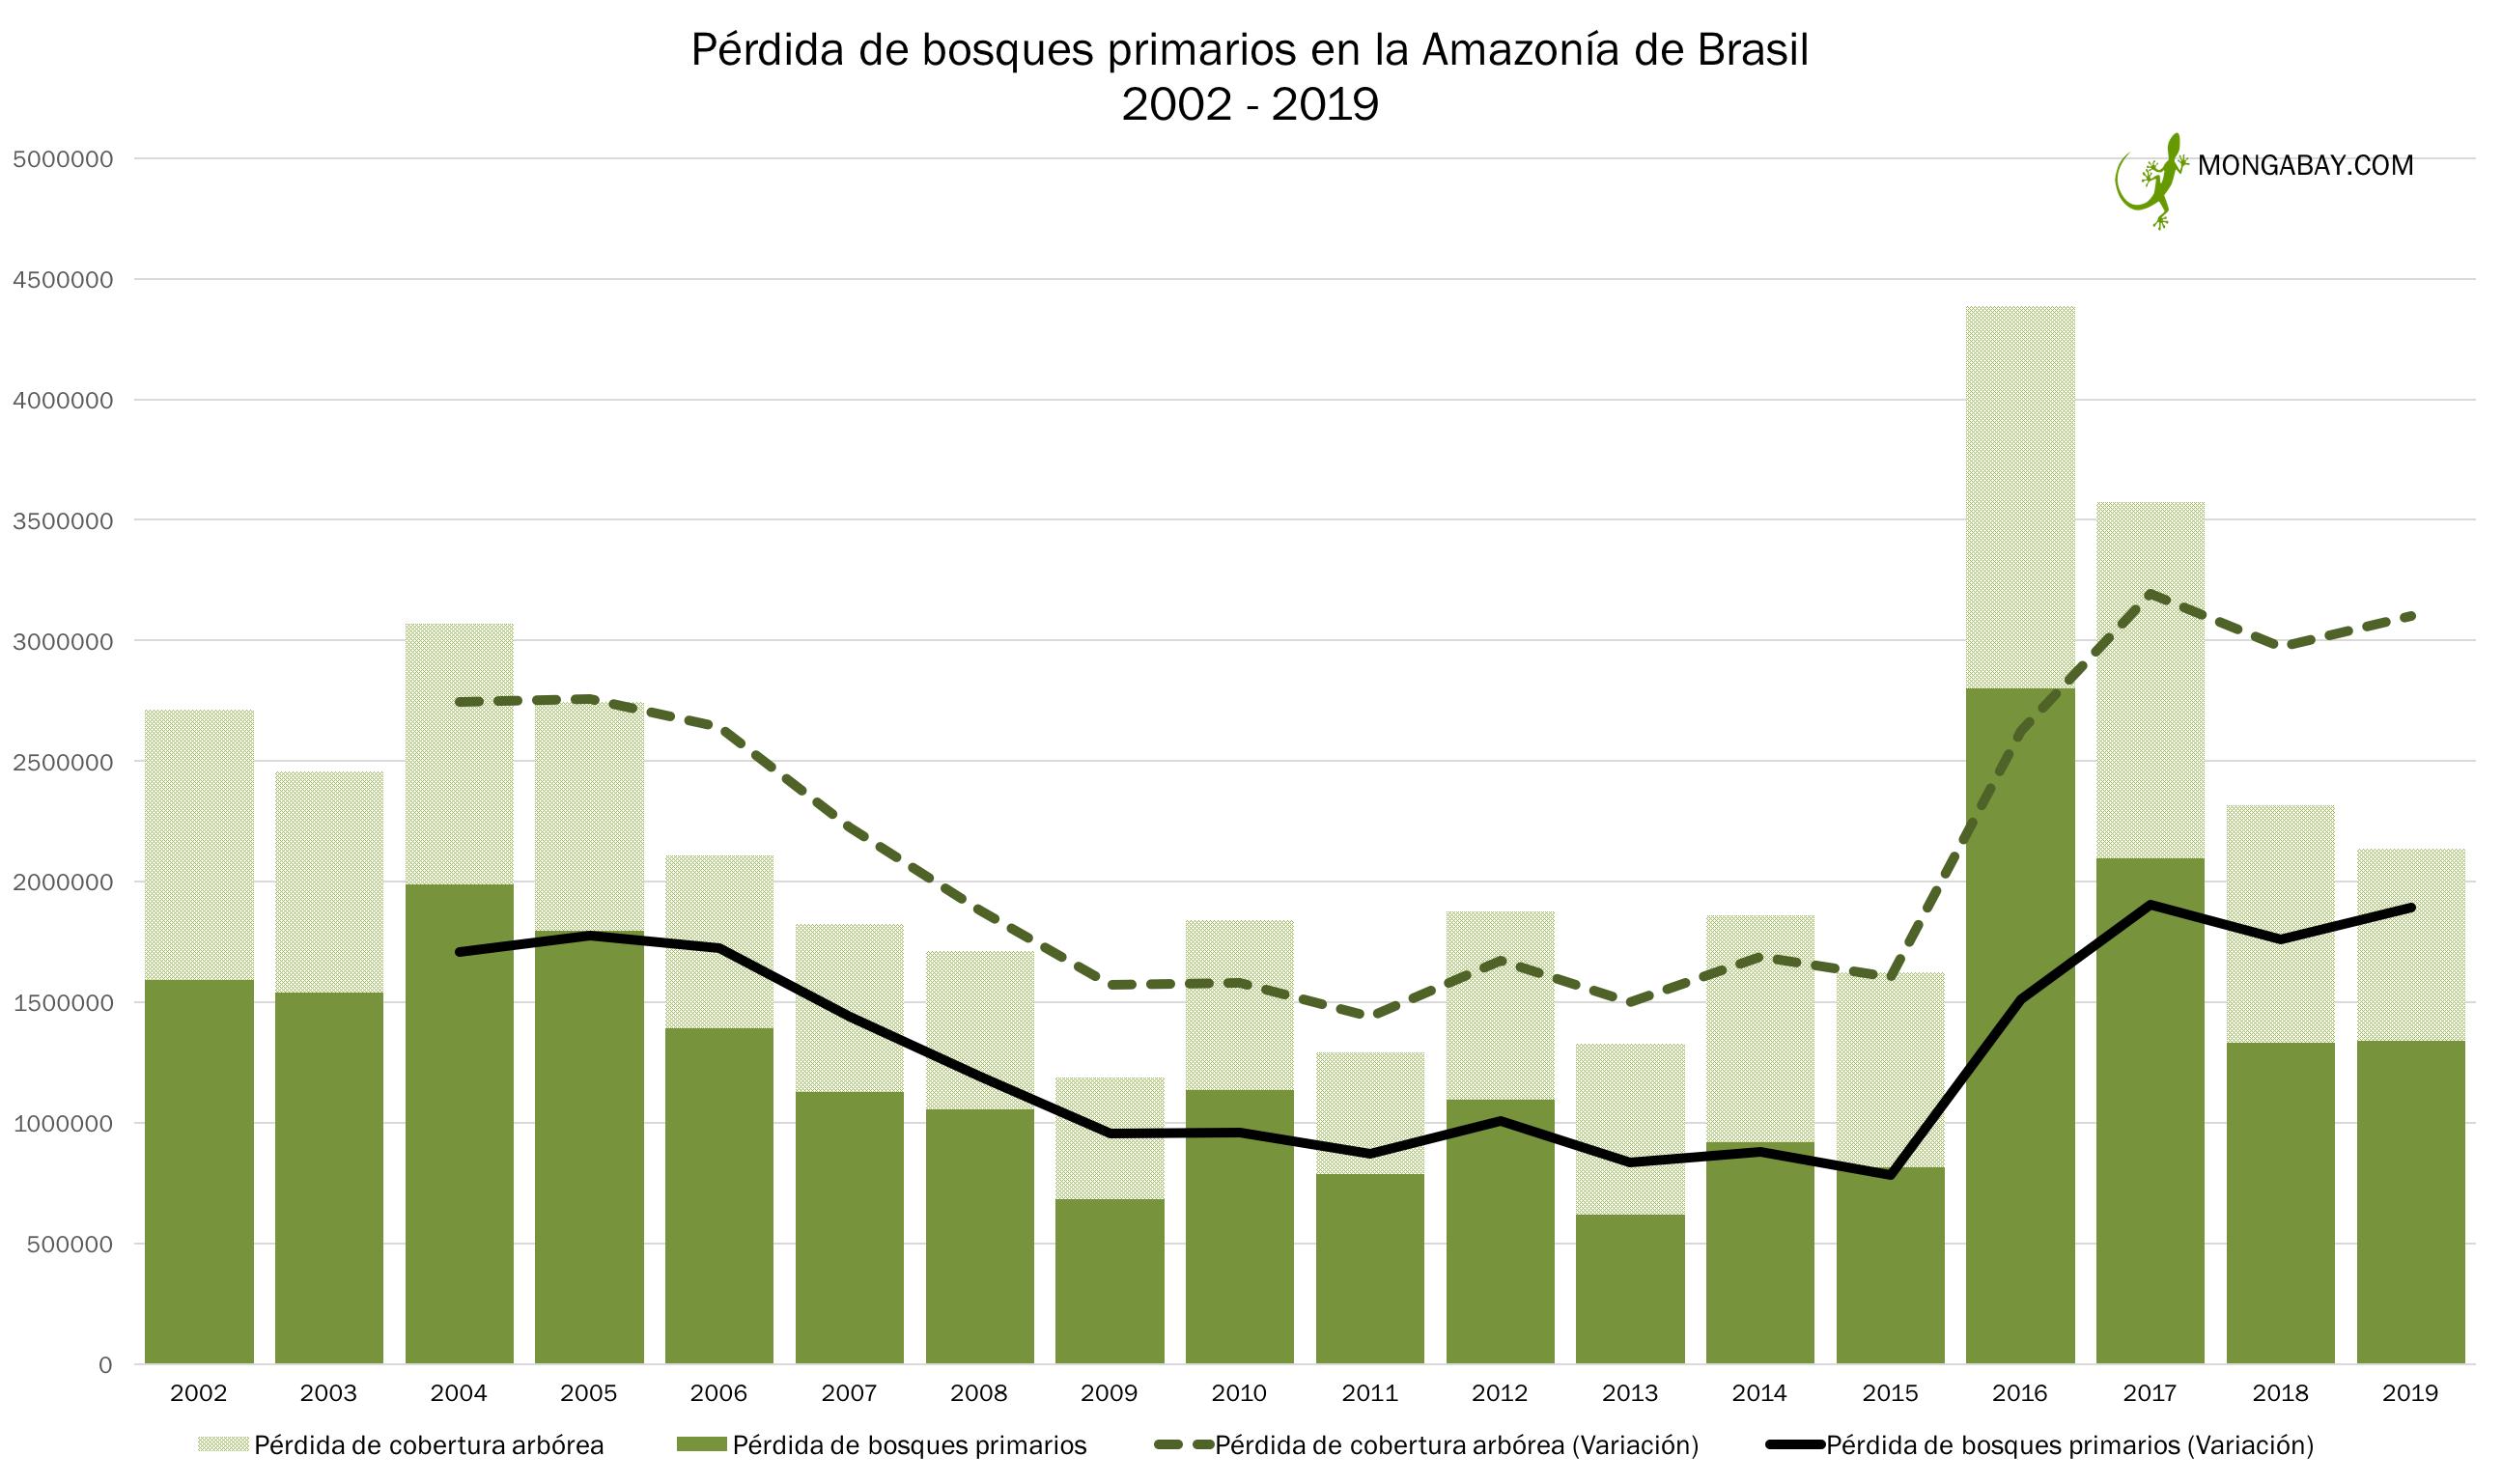 El cuadro muestra la variación de la pérdida de bosques primarios en Brasil entre el 2002 y 2019. Fuente: Elaboración de Mongabay.